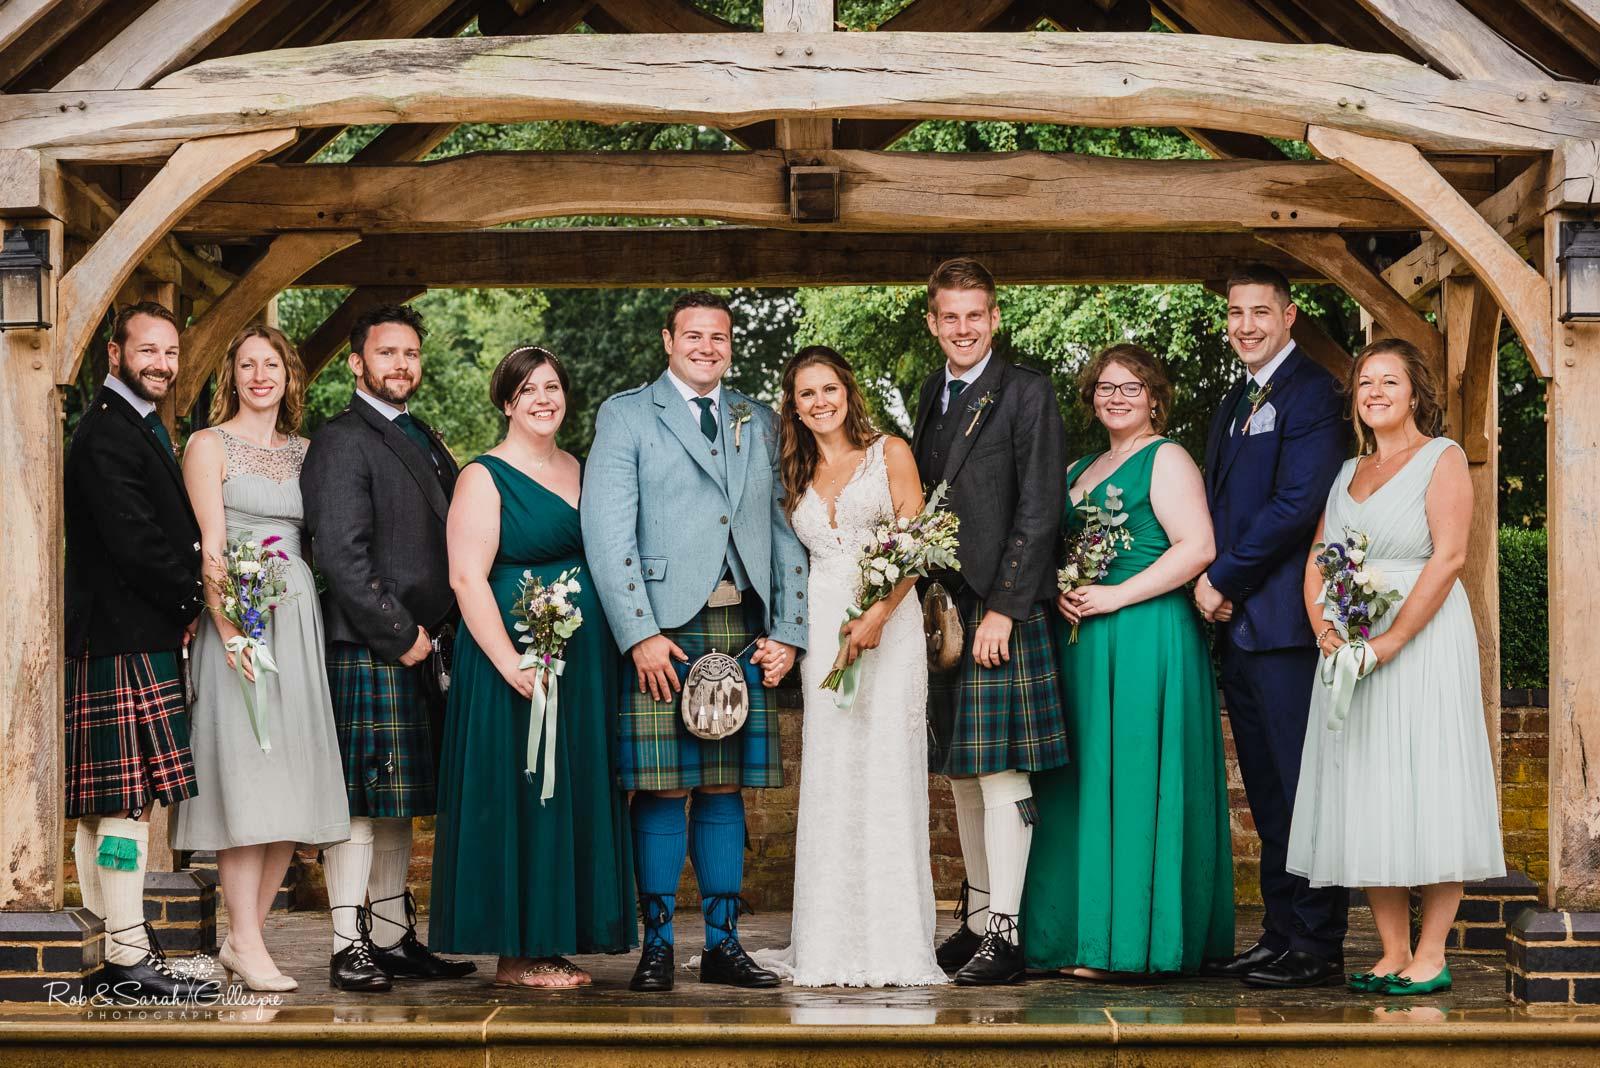 Group photo at Wethele Manor wedding